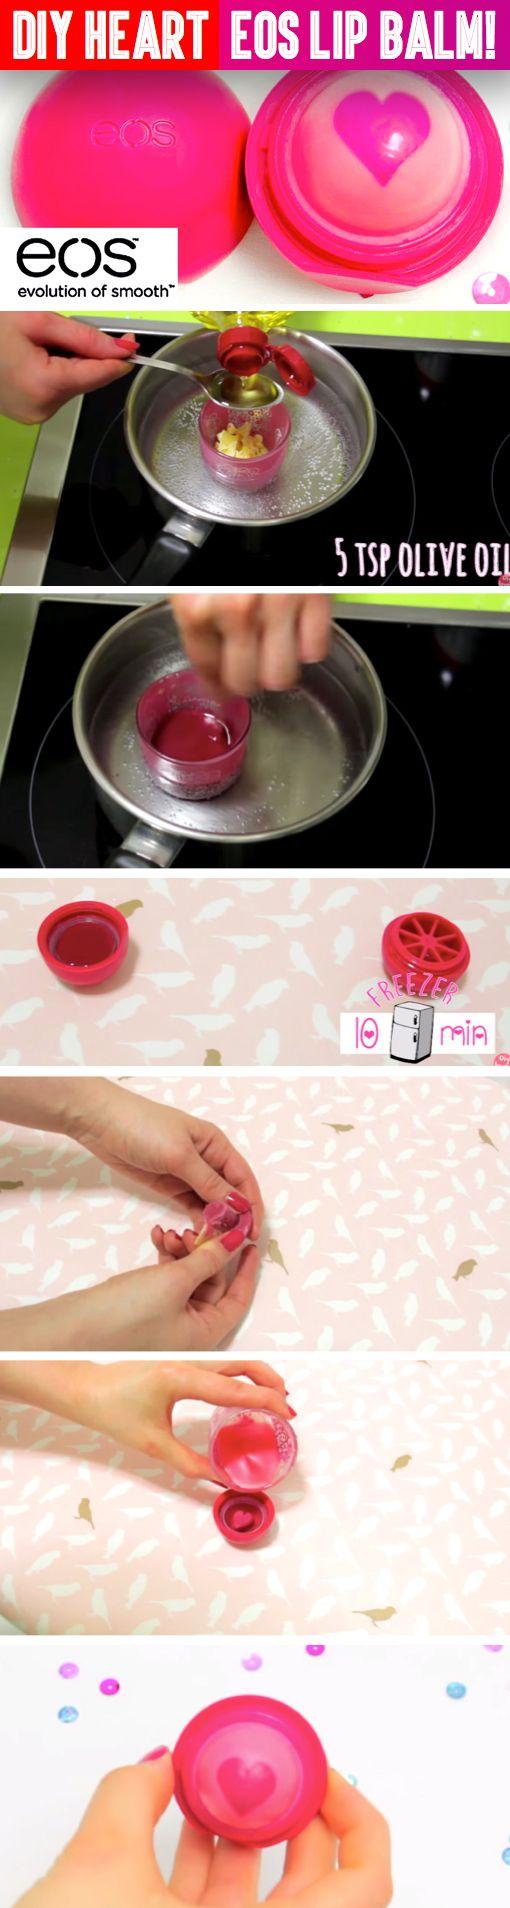 DIY: Make Your Own Heart EOS Lip Balm!